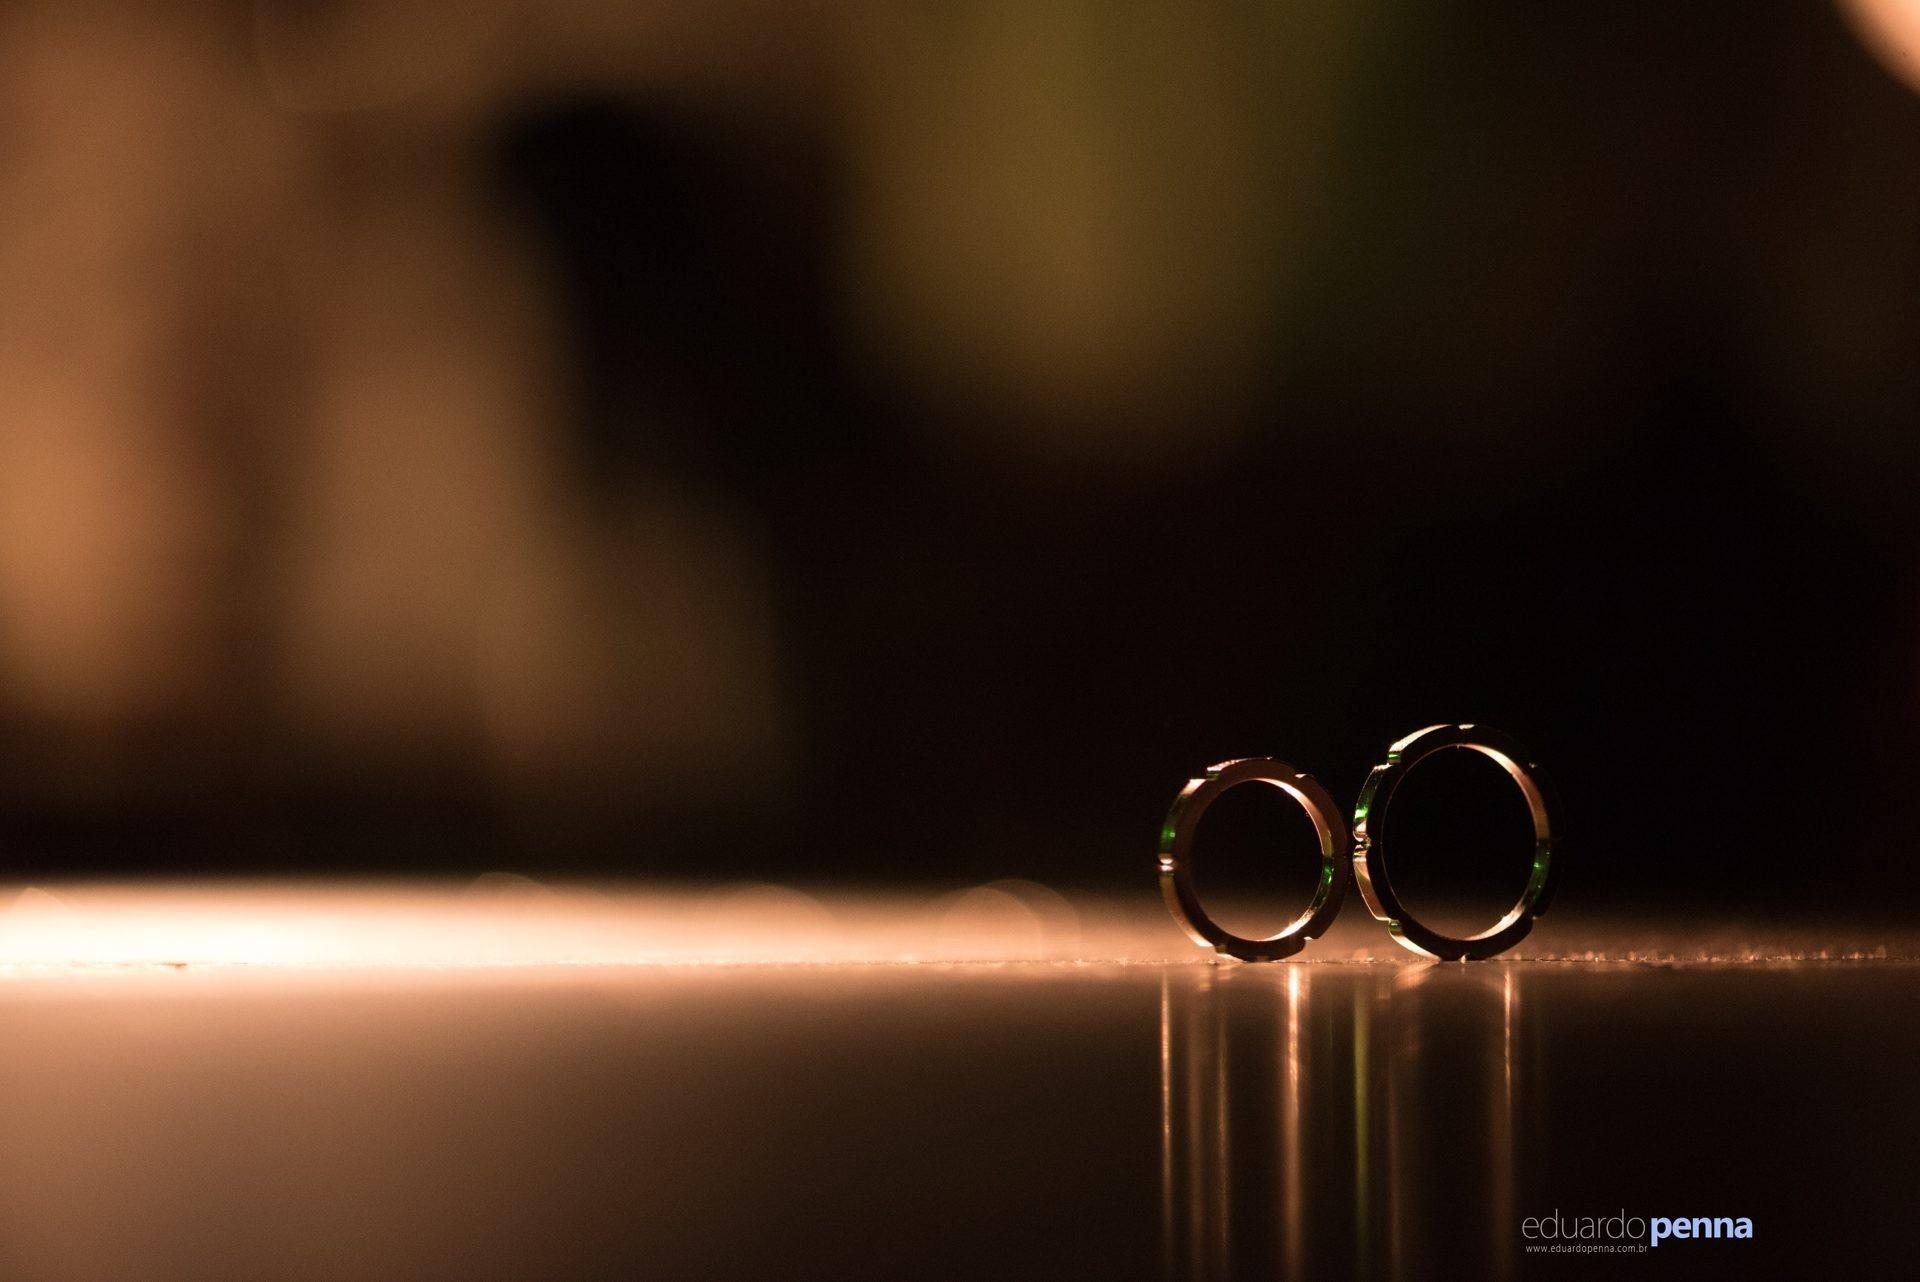 foto das alianças dos noivos